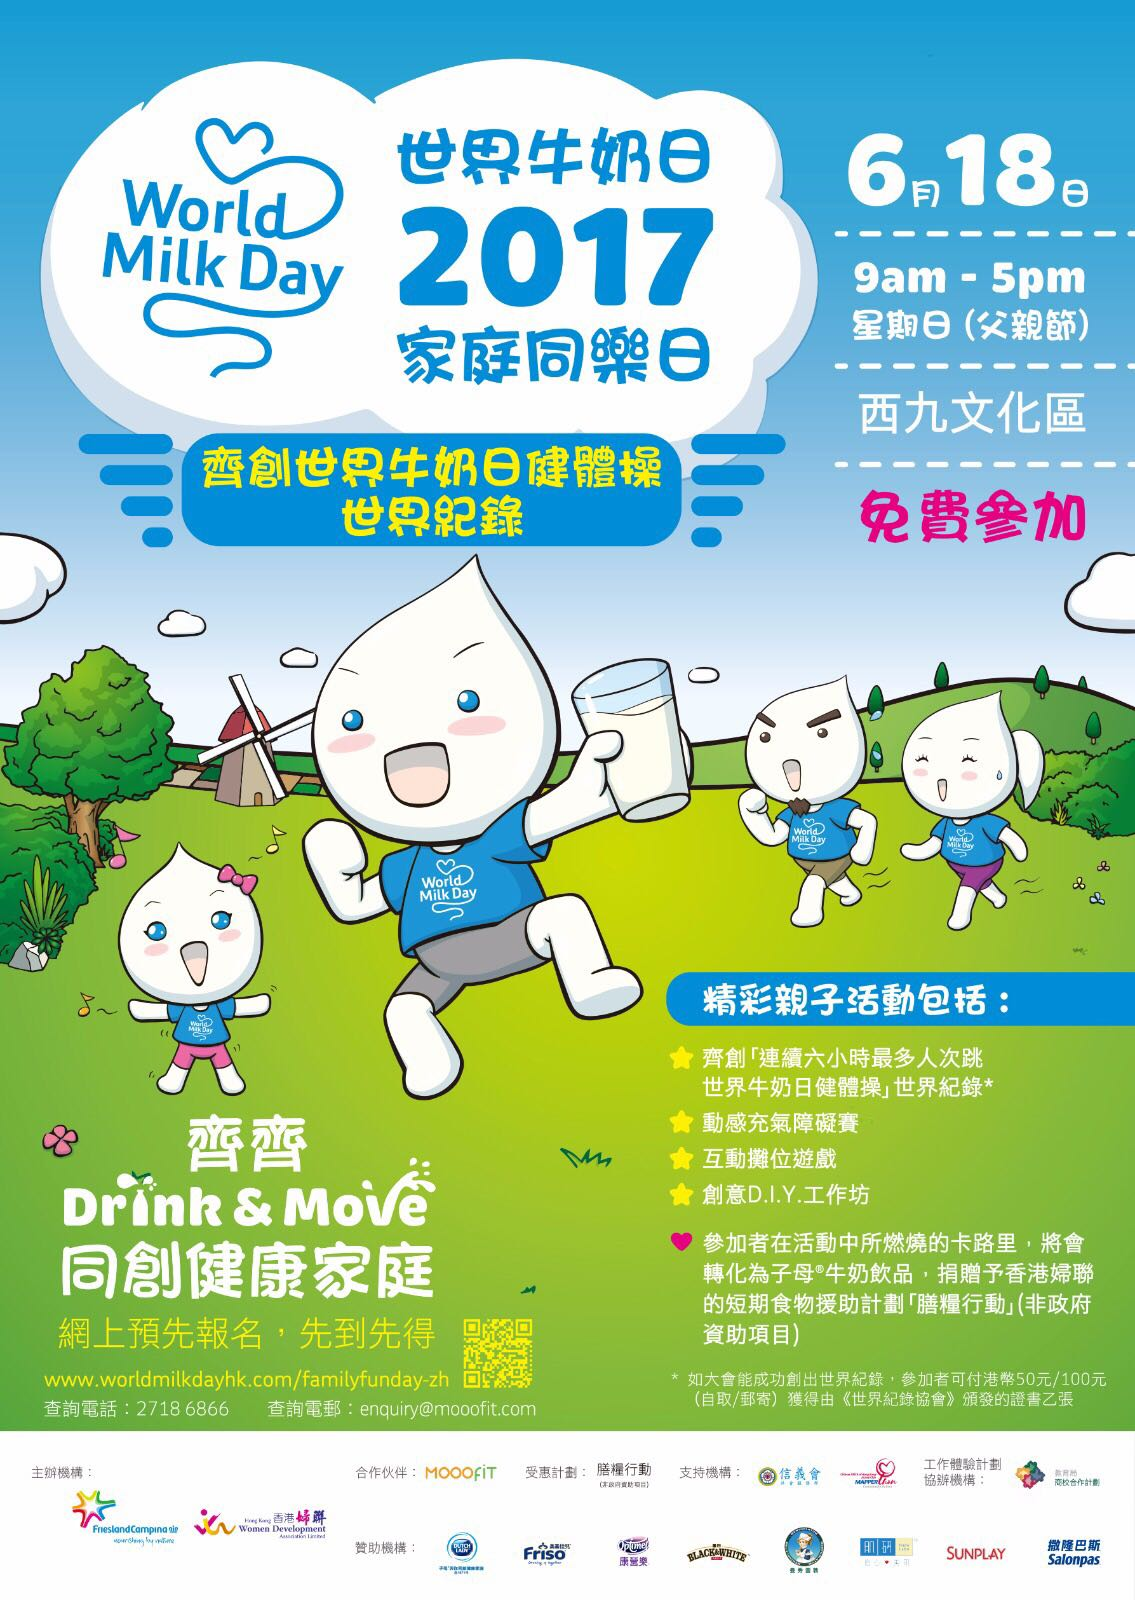 世界牛奶日- 家庭同樂日【6月18日】